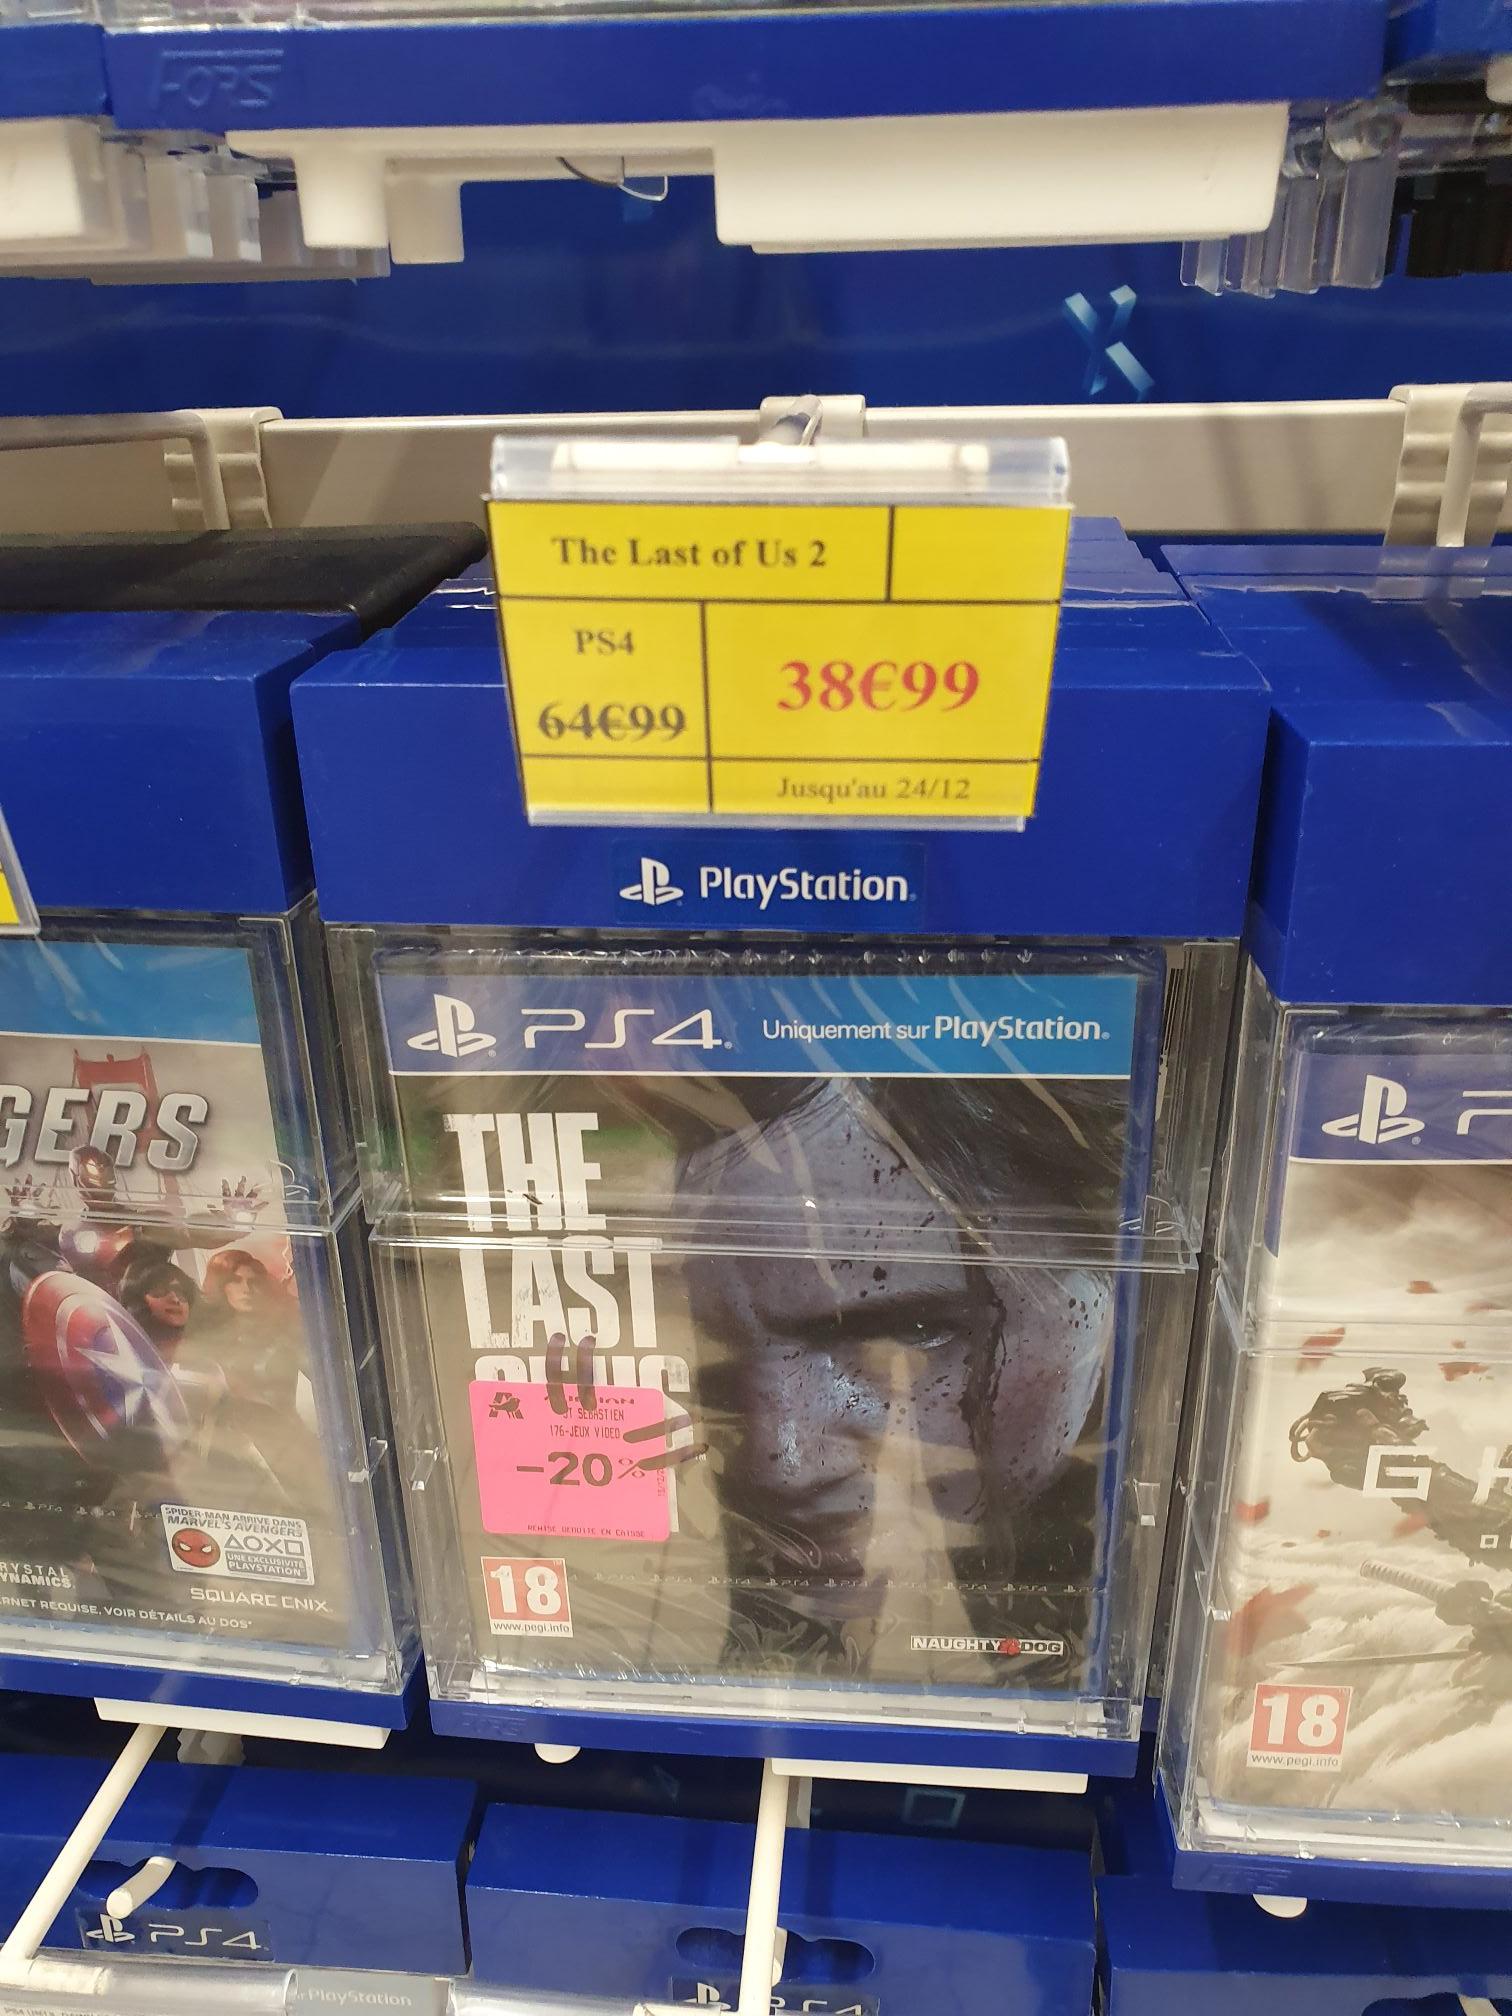 The Last Of Us 2 sur PS4 - St Sébastien ( 44 )